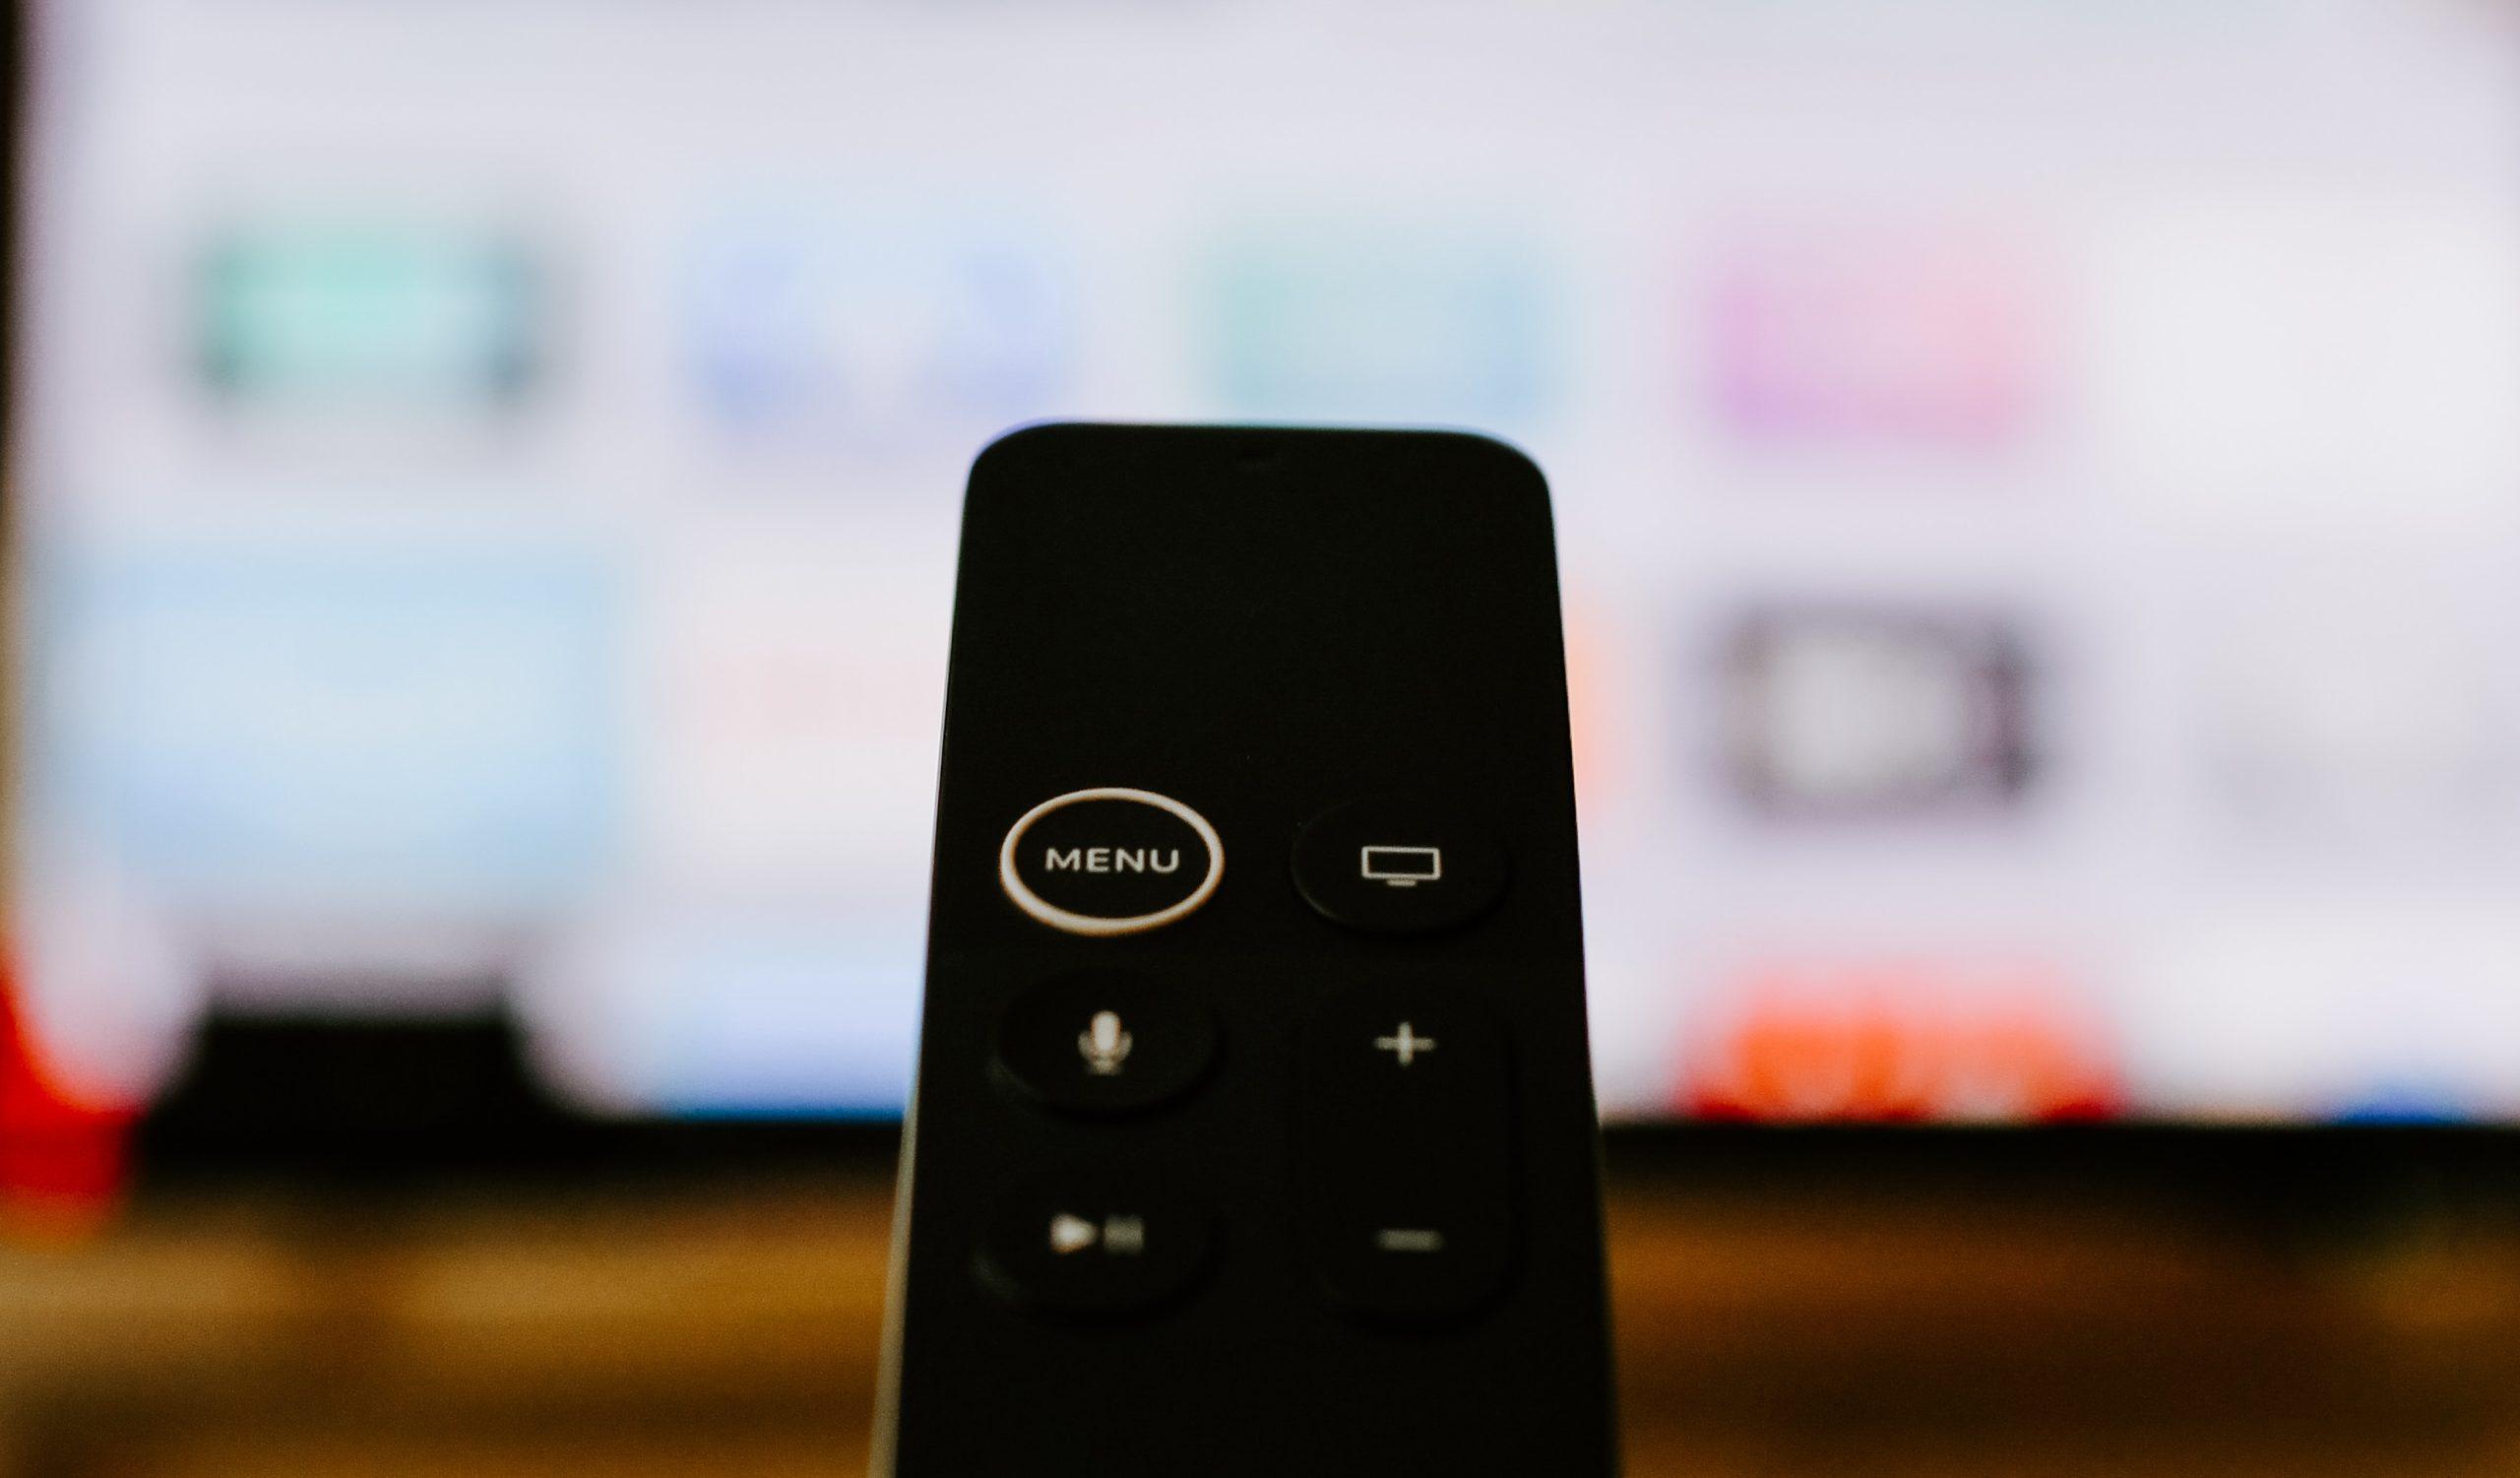 U-NEXTをテレビで見る3つの接続方法【初心者向け】